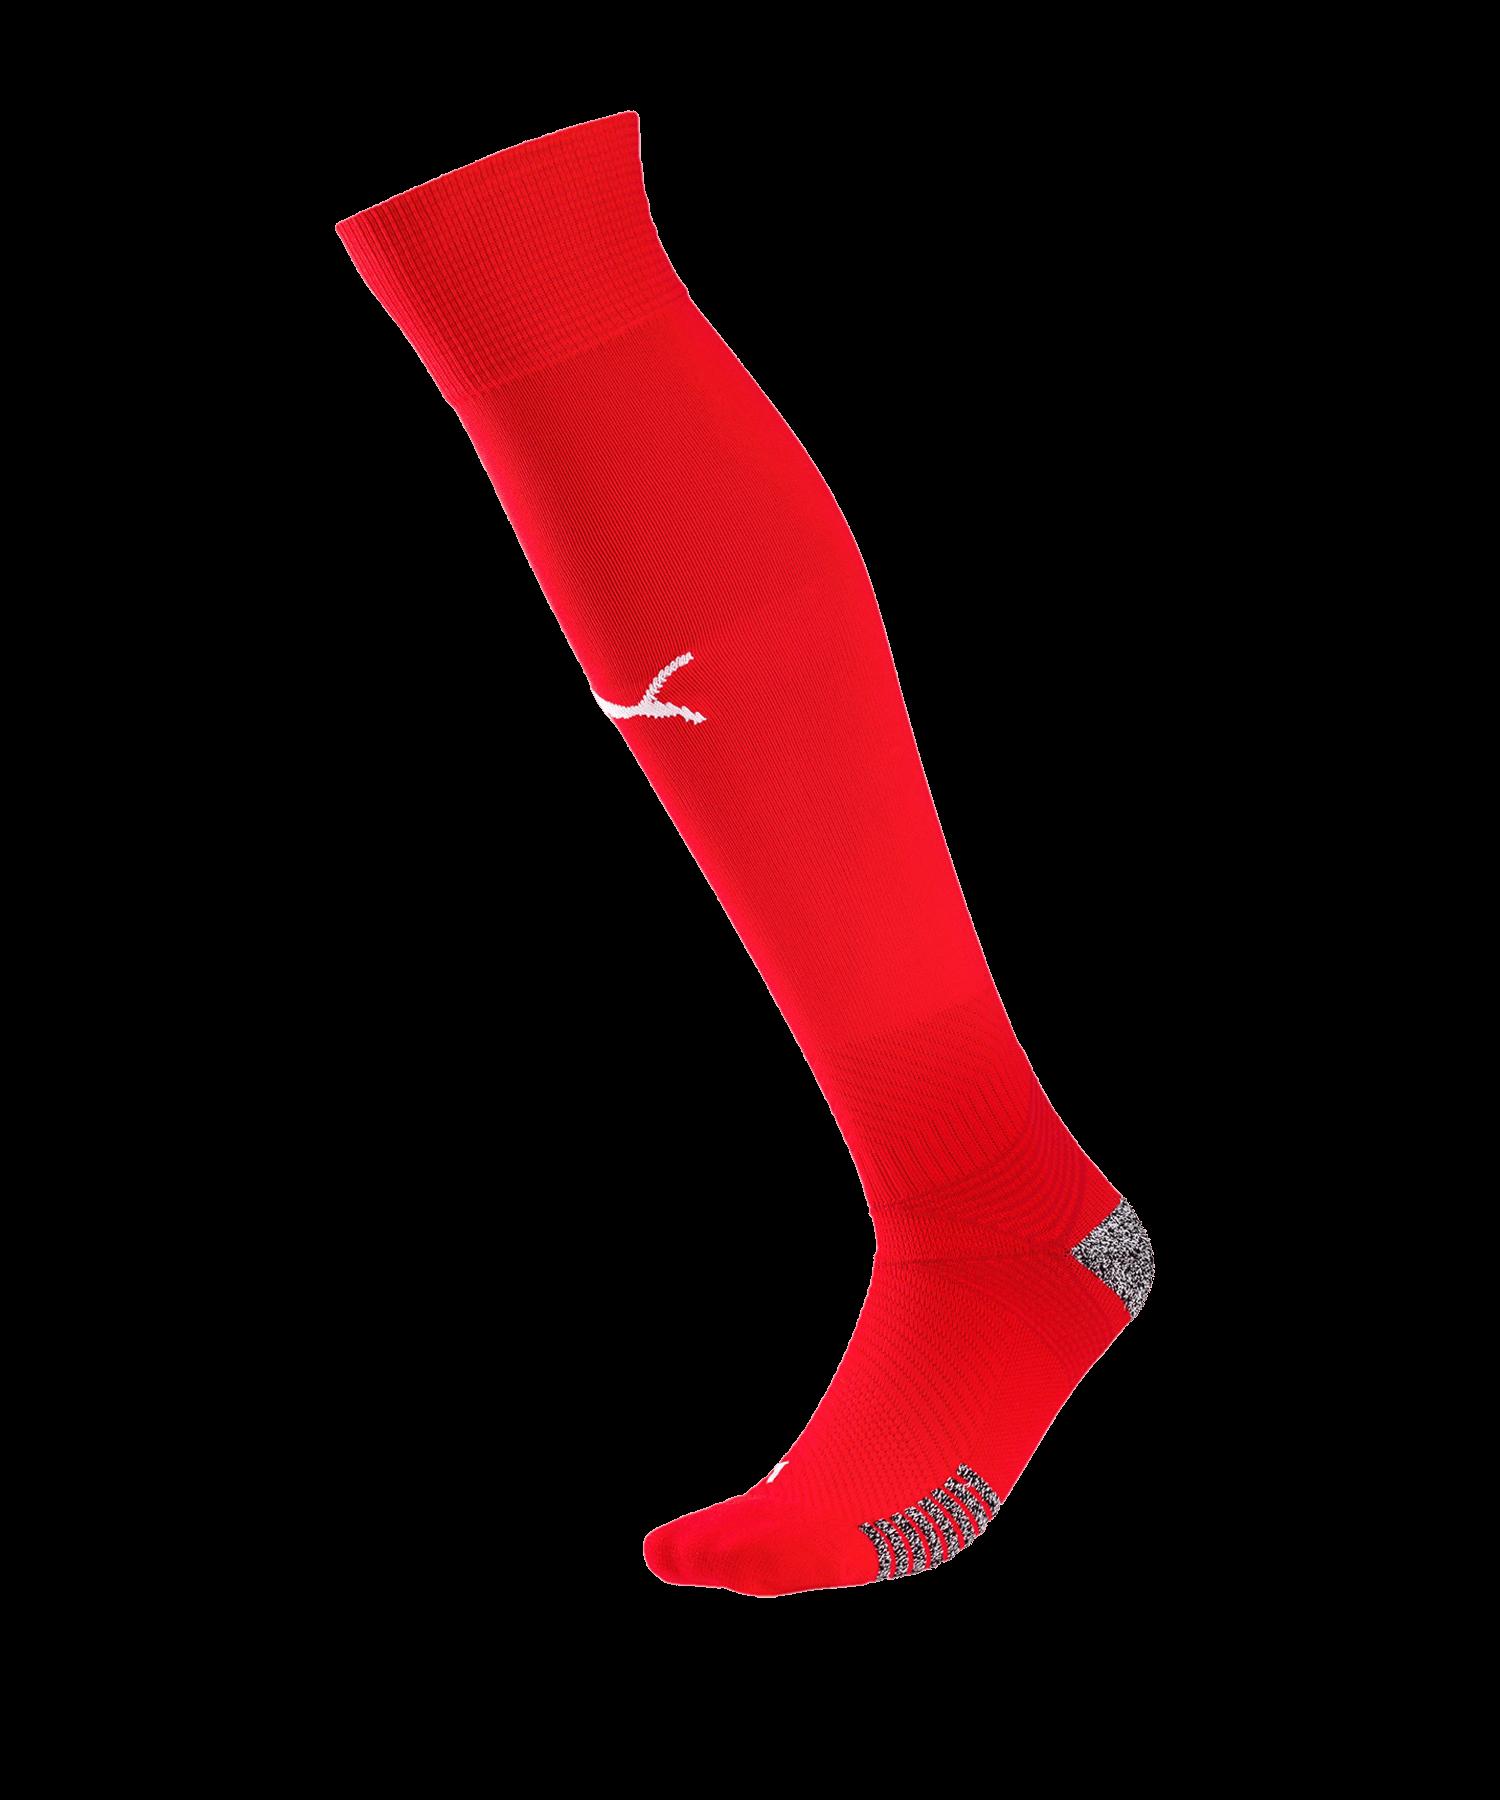 PUMA teamFINAL 21 Socks Socks